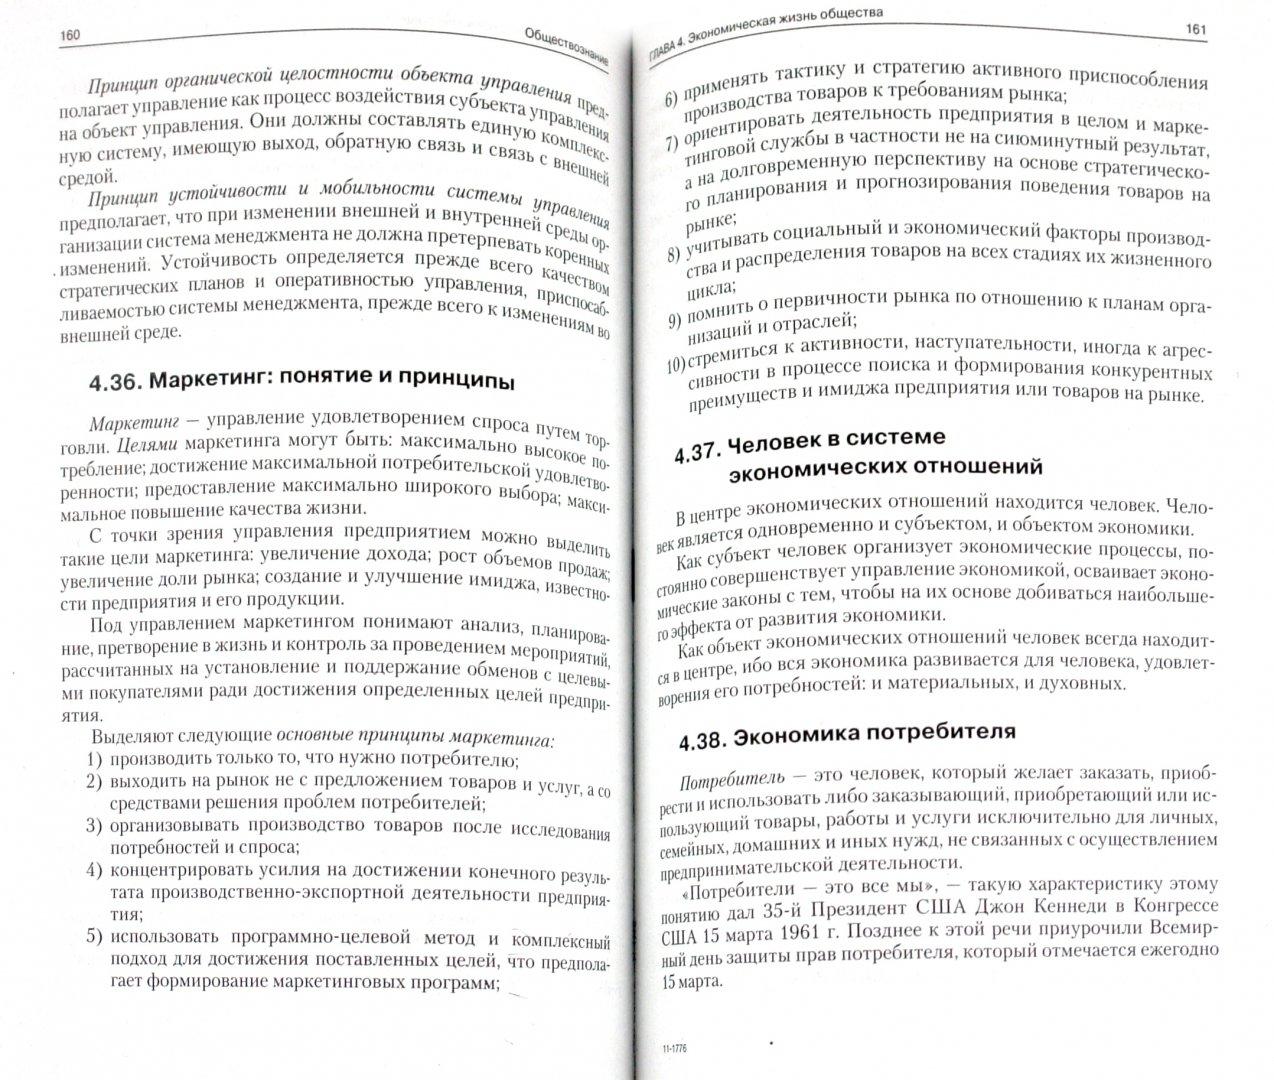 Иллюстрация 1 из 5 для Обществознание - Евгений Моисеев | Лабиринт - книги. Источник: Лабиринт